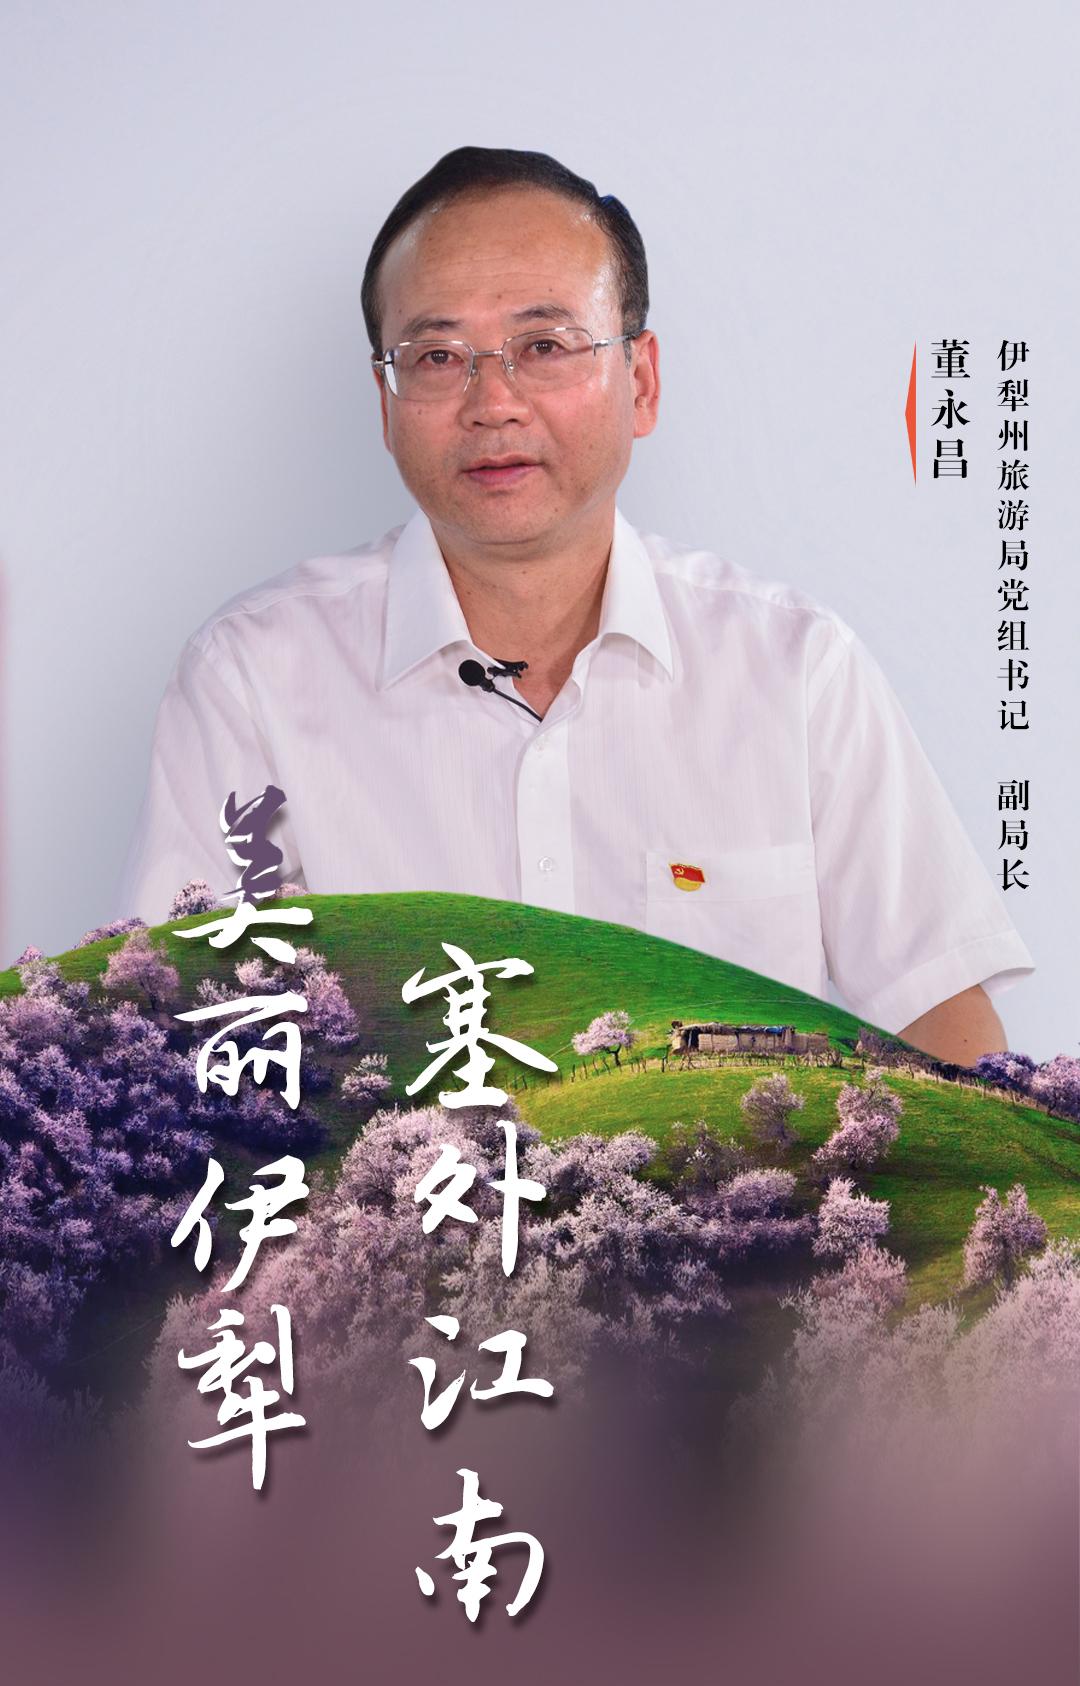 【共话全域旅游】专访伊犁州旅游局党组书记、副局长董永昌